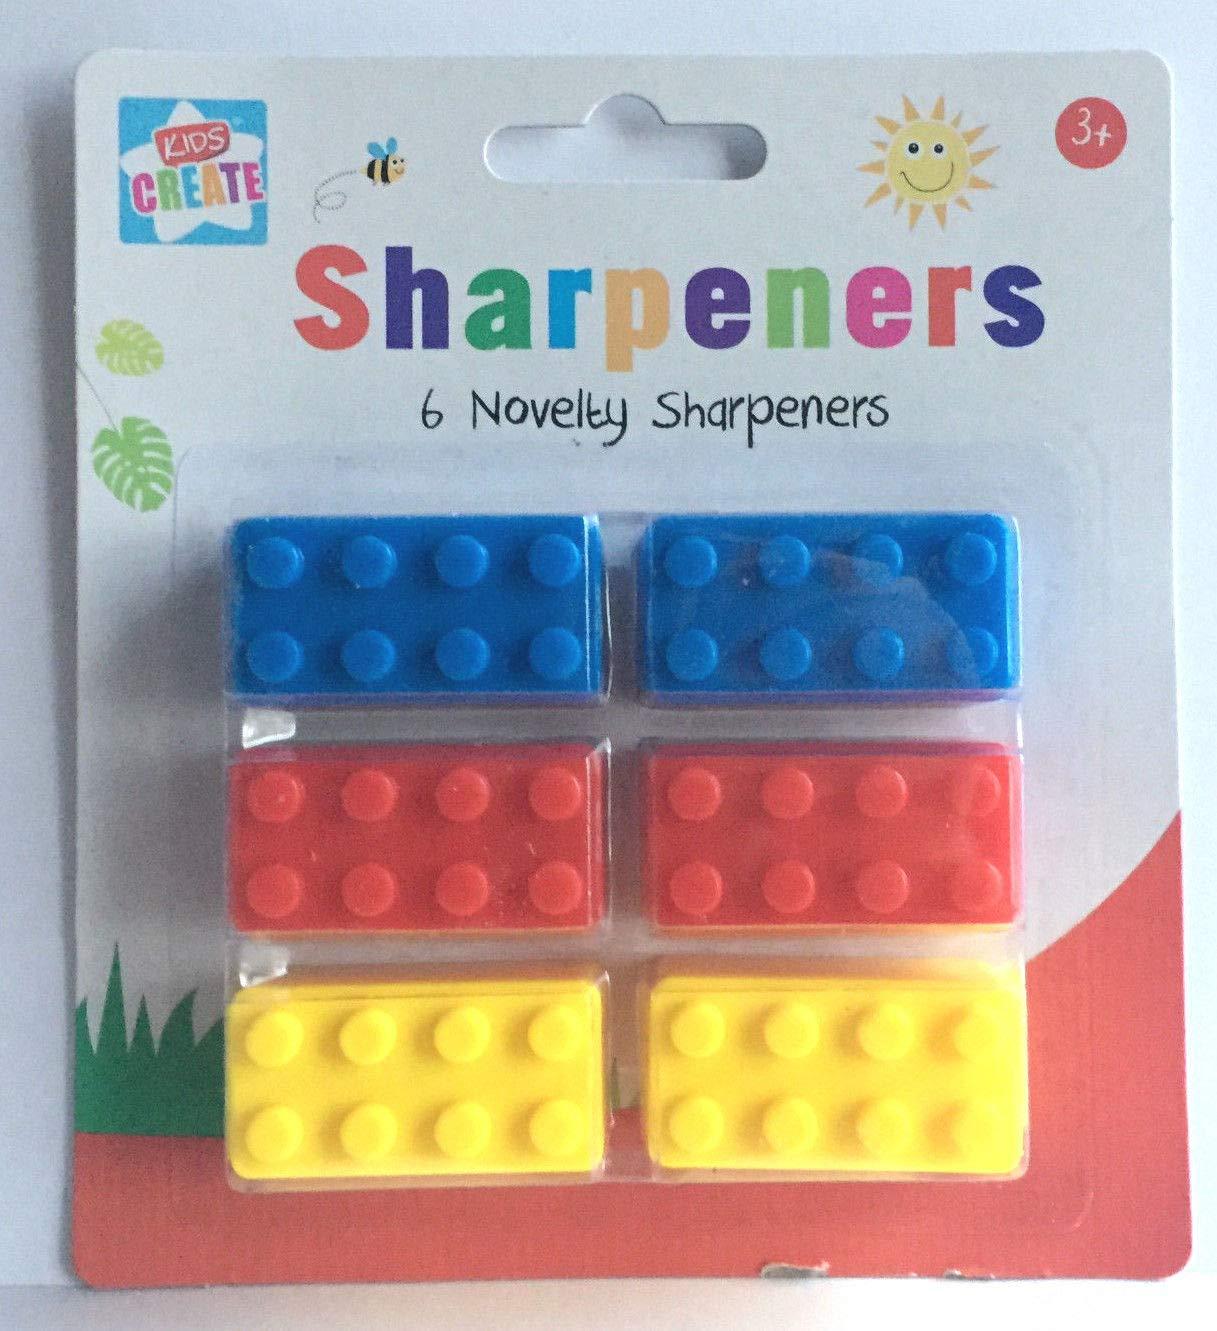 Colori Assortiti 29,7 x 21 x 2 cm in plastica Temperamatite a Forma di mattoncini Confezione da 6 Anker